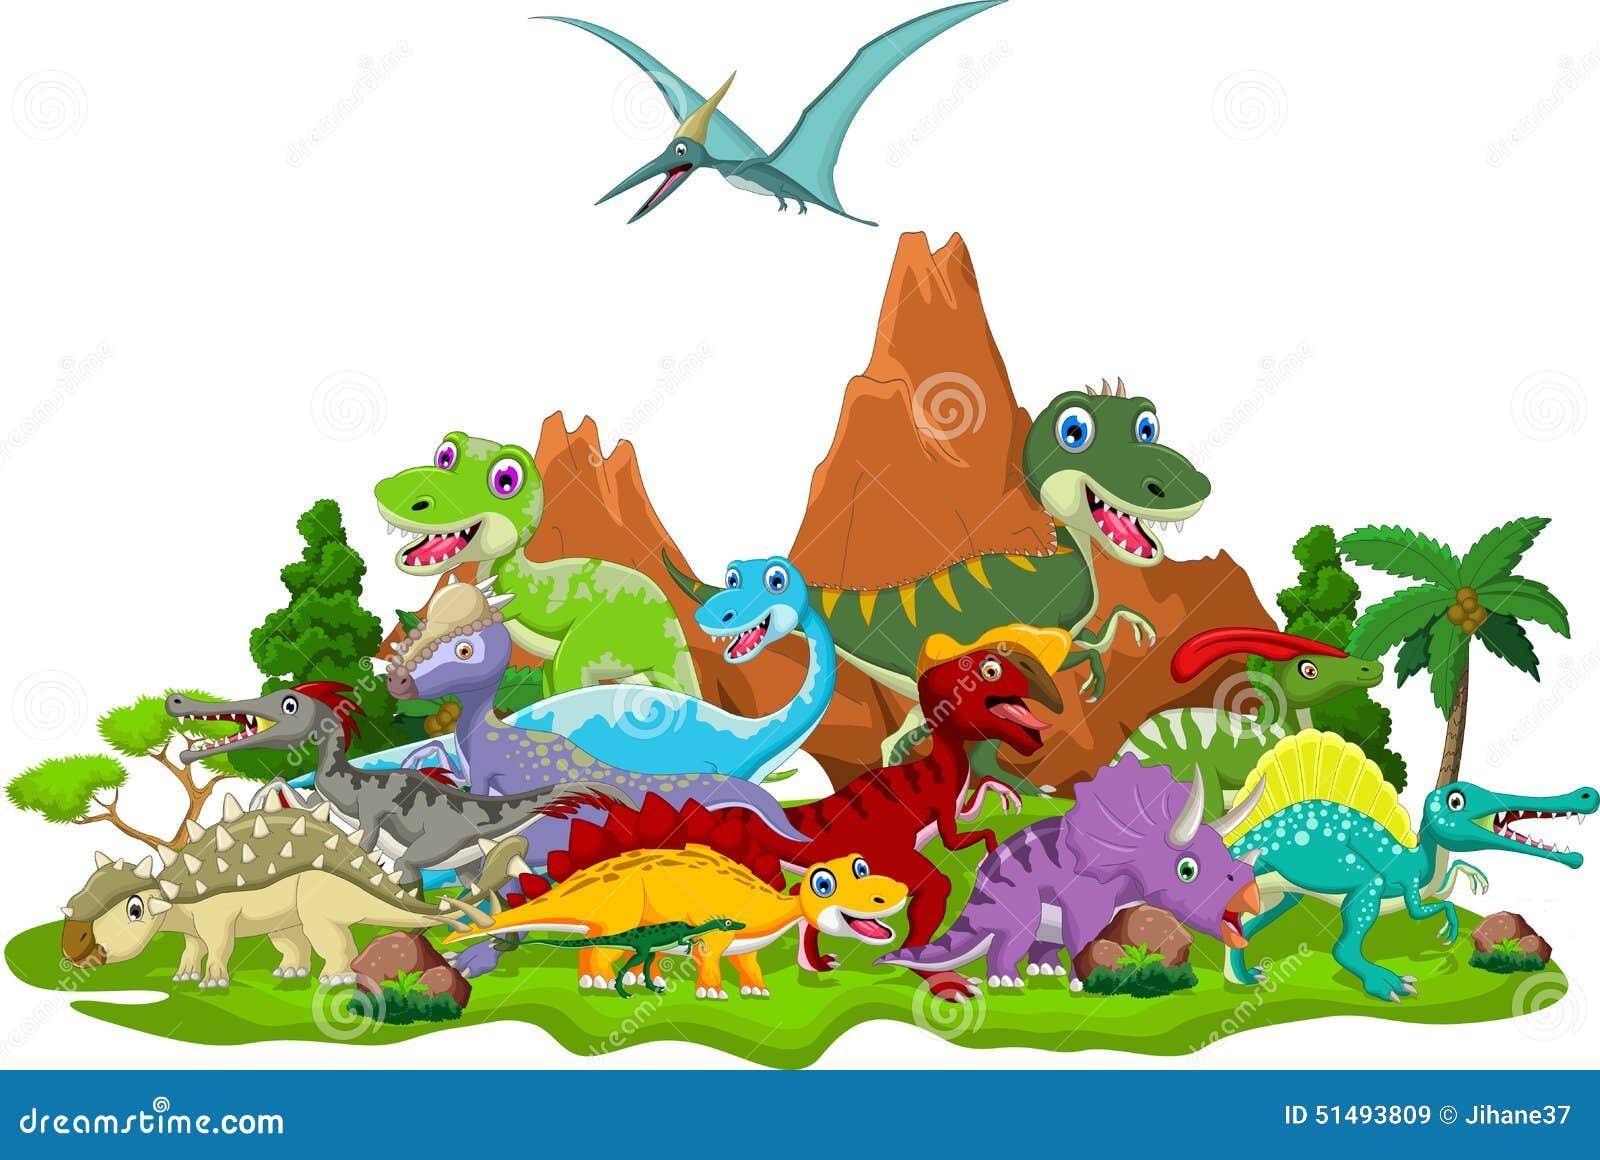 恐龙动画片的例证有风景背景.图片